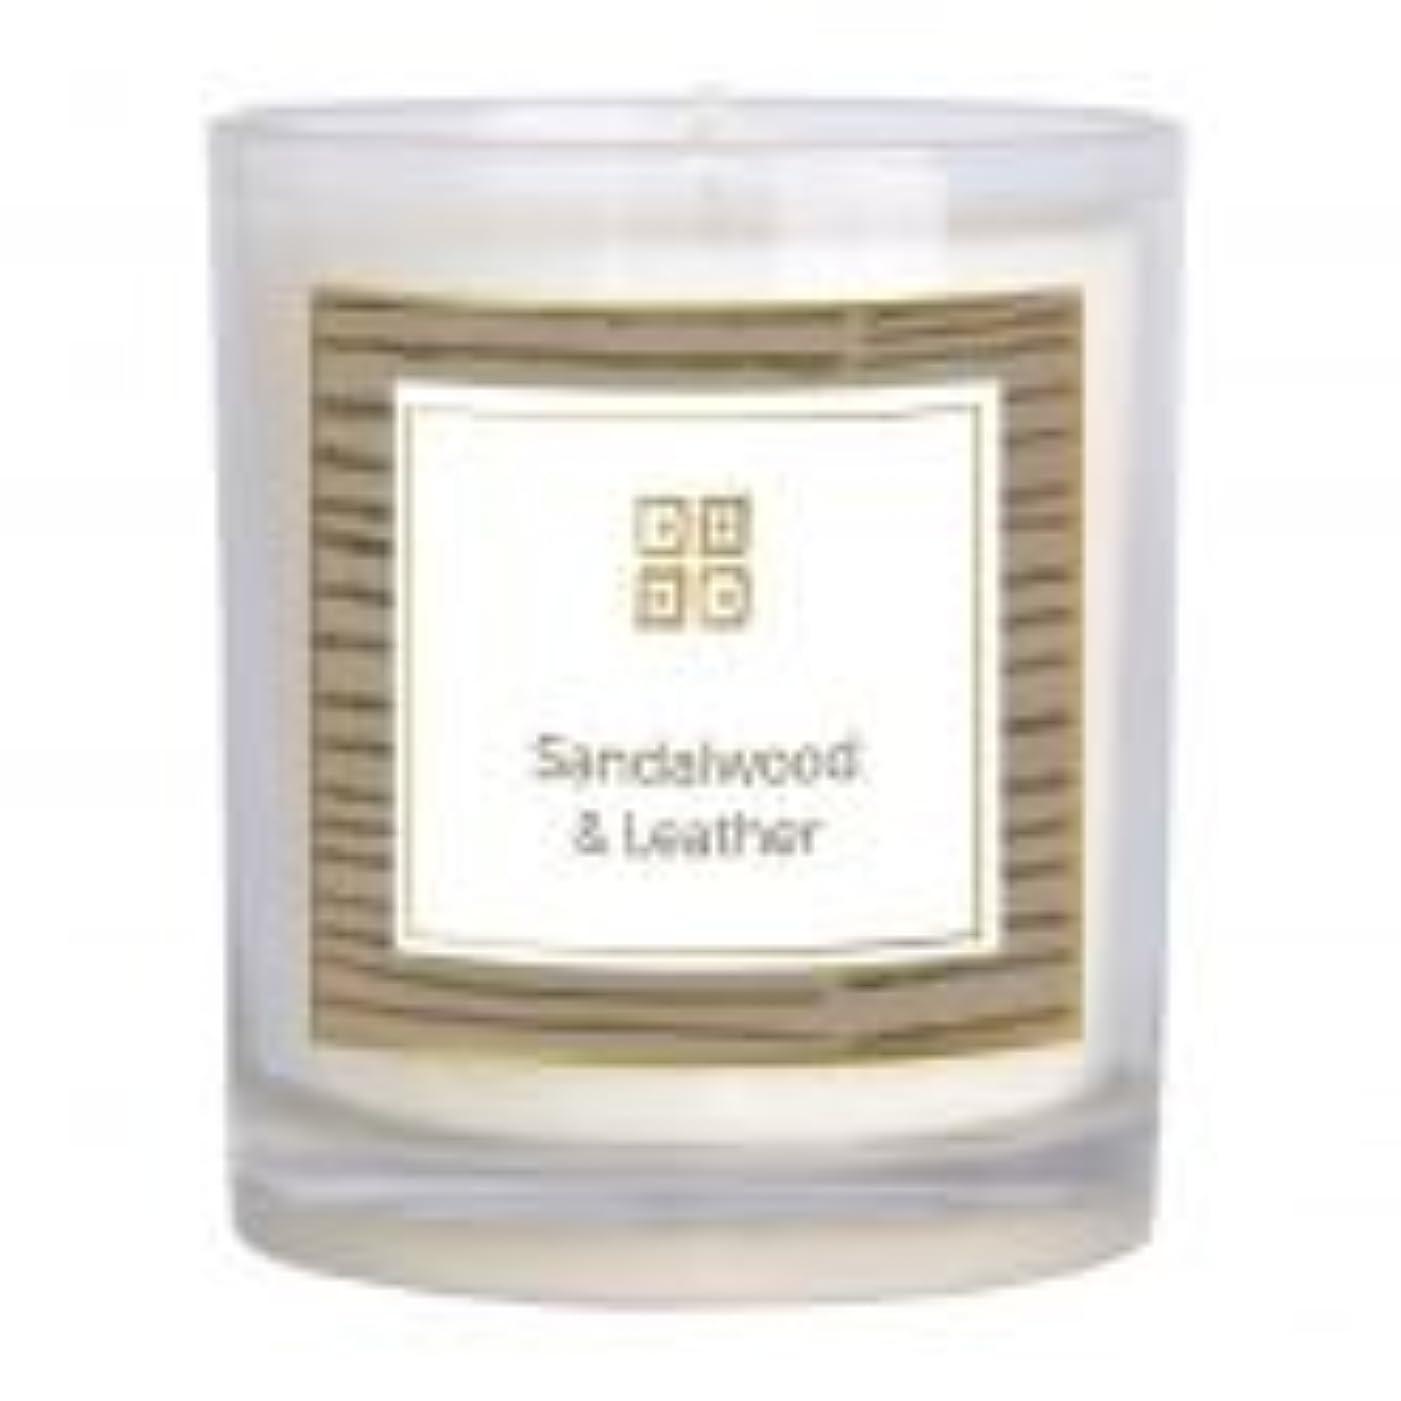 誰でもかんたん自伝サンダルウッド&レザー香りのキャンドル 12 oz 503-08844